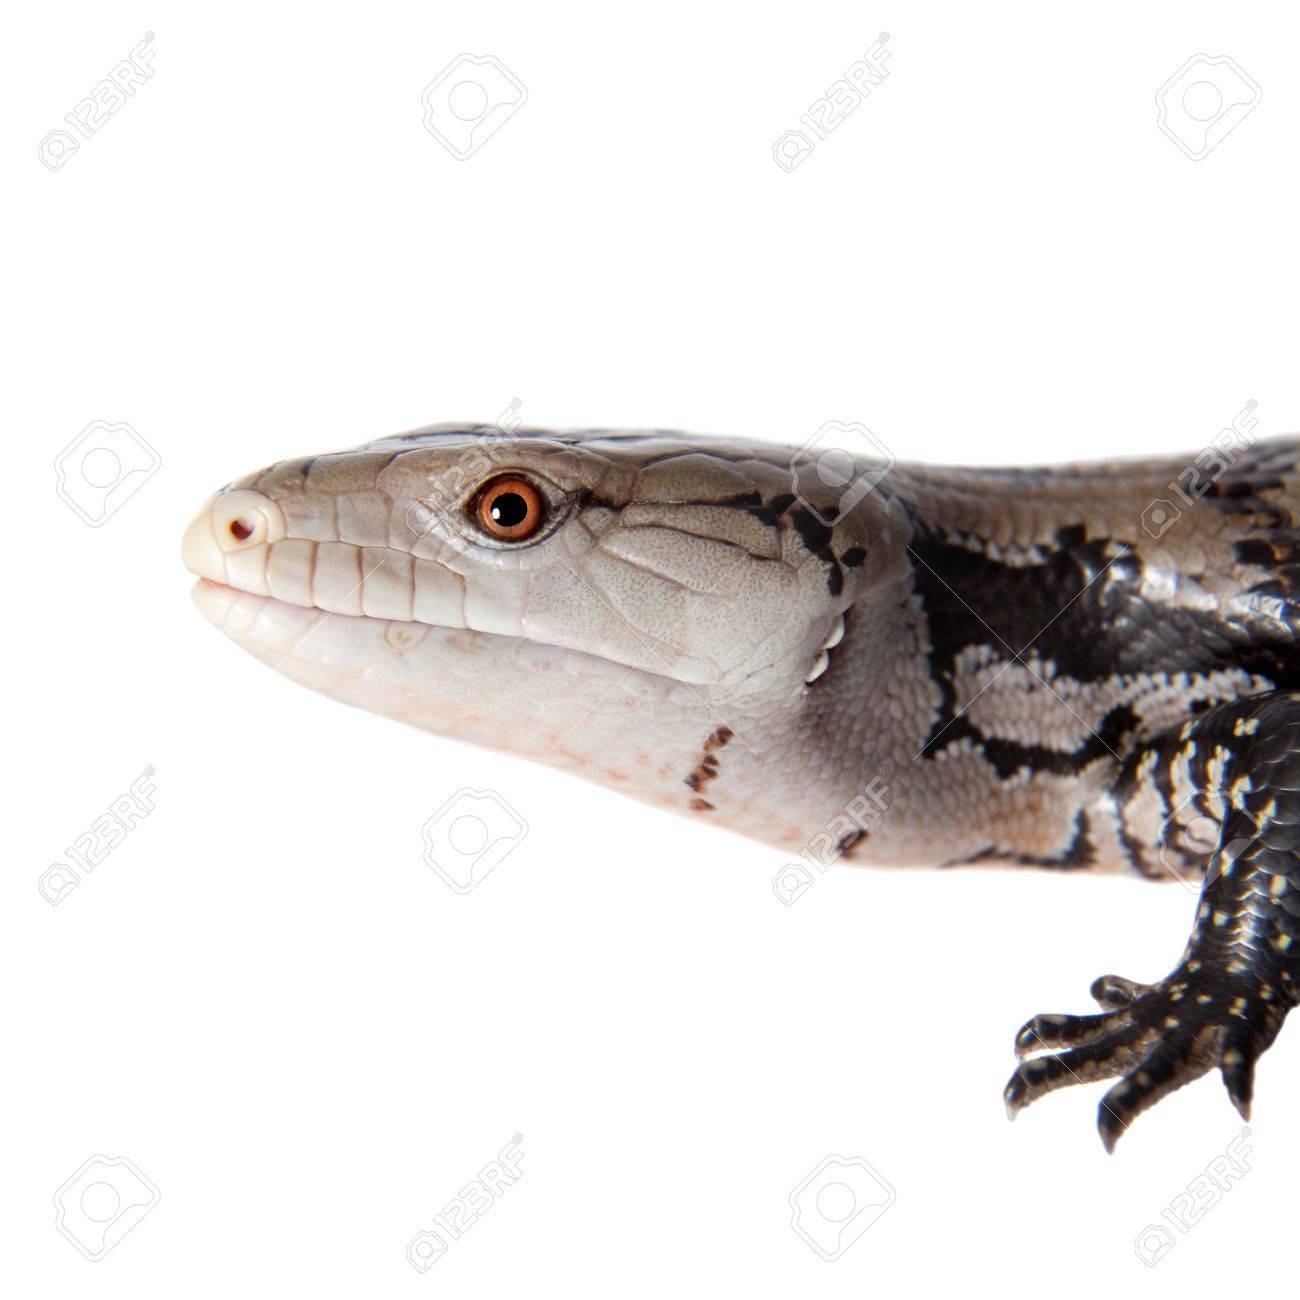 アオジタトカゲ属